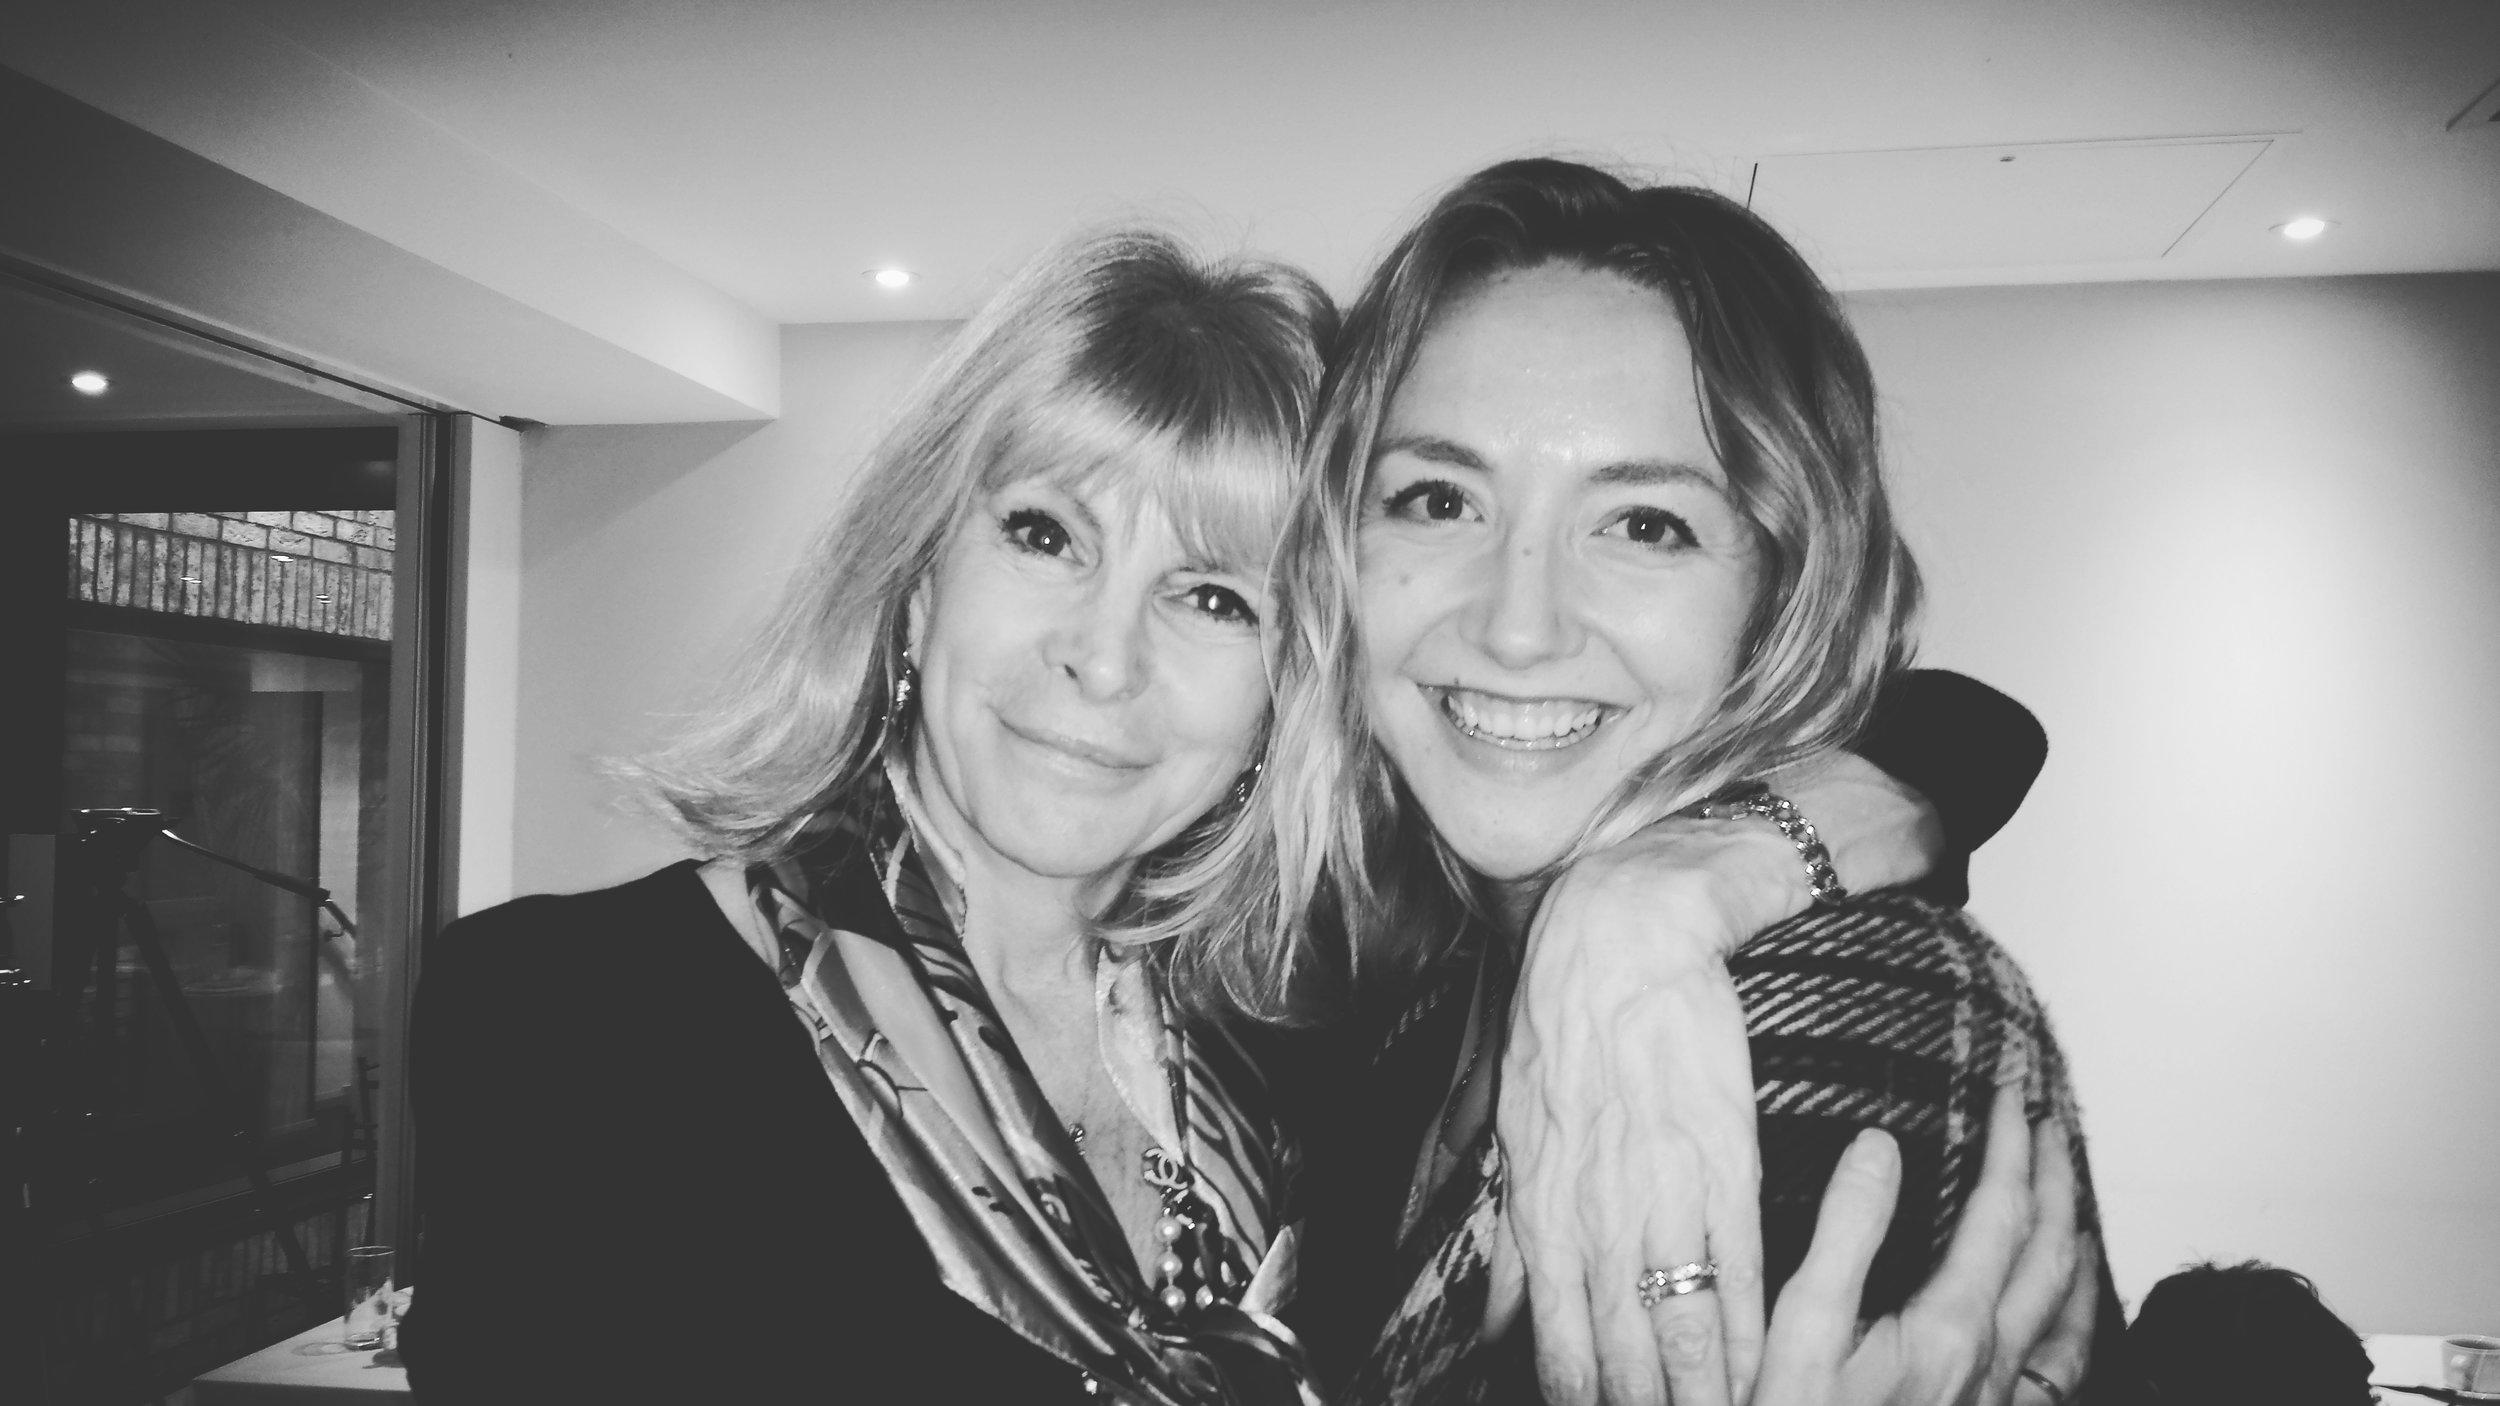 Marisa Peer and Sarah Ventura in London, England 2017